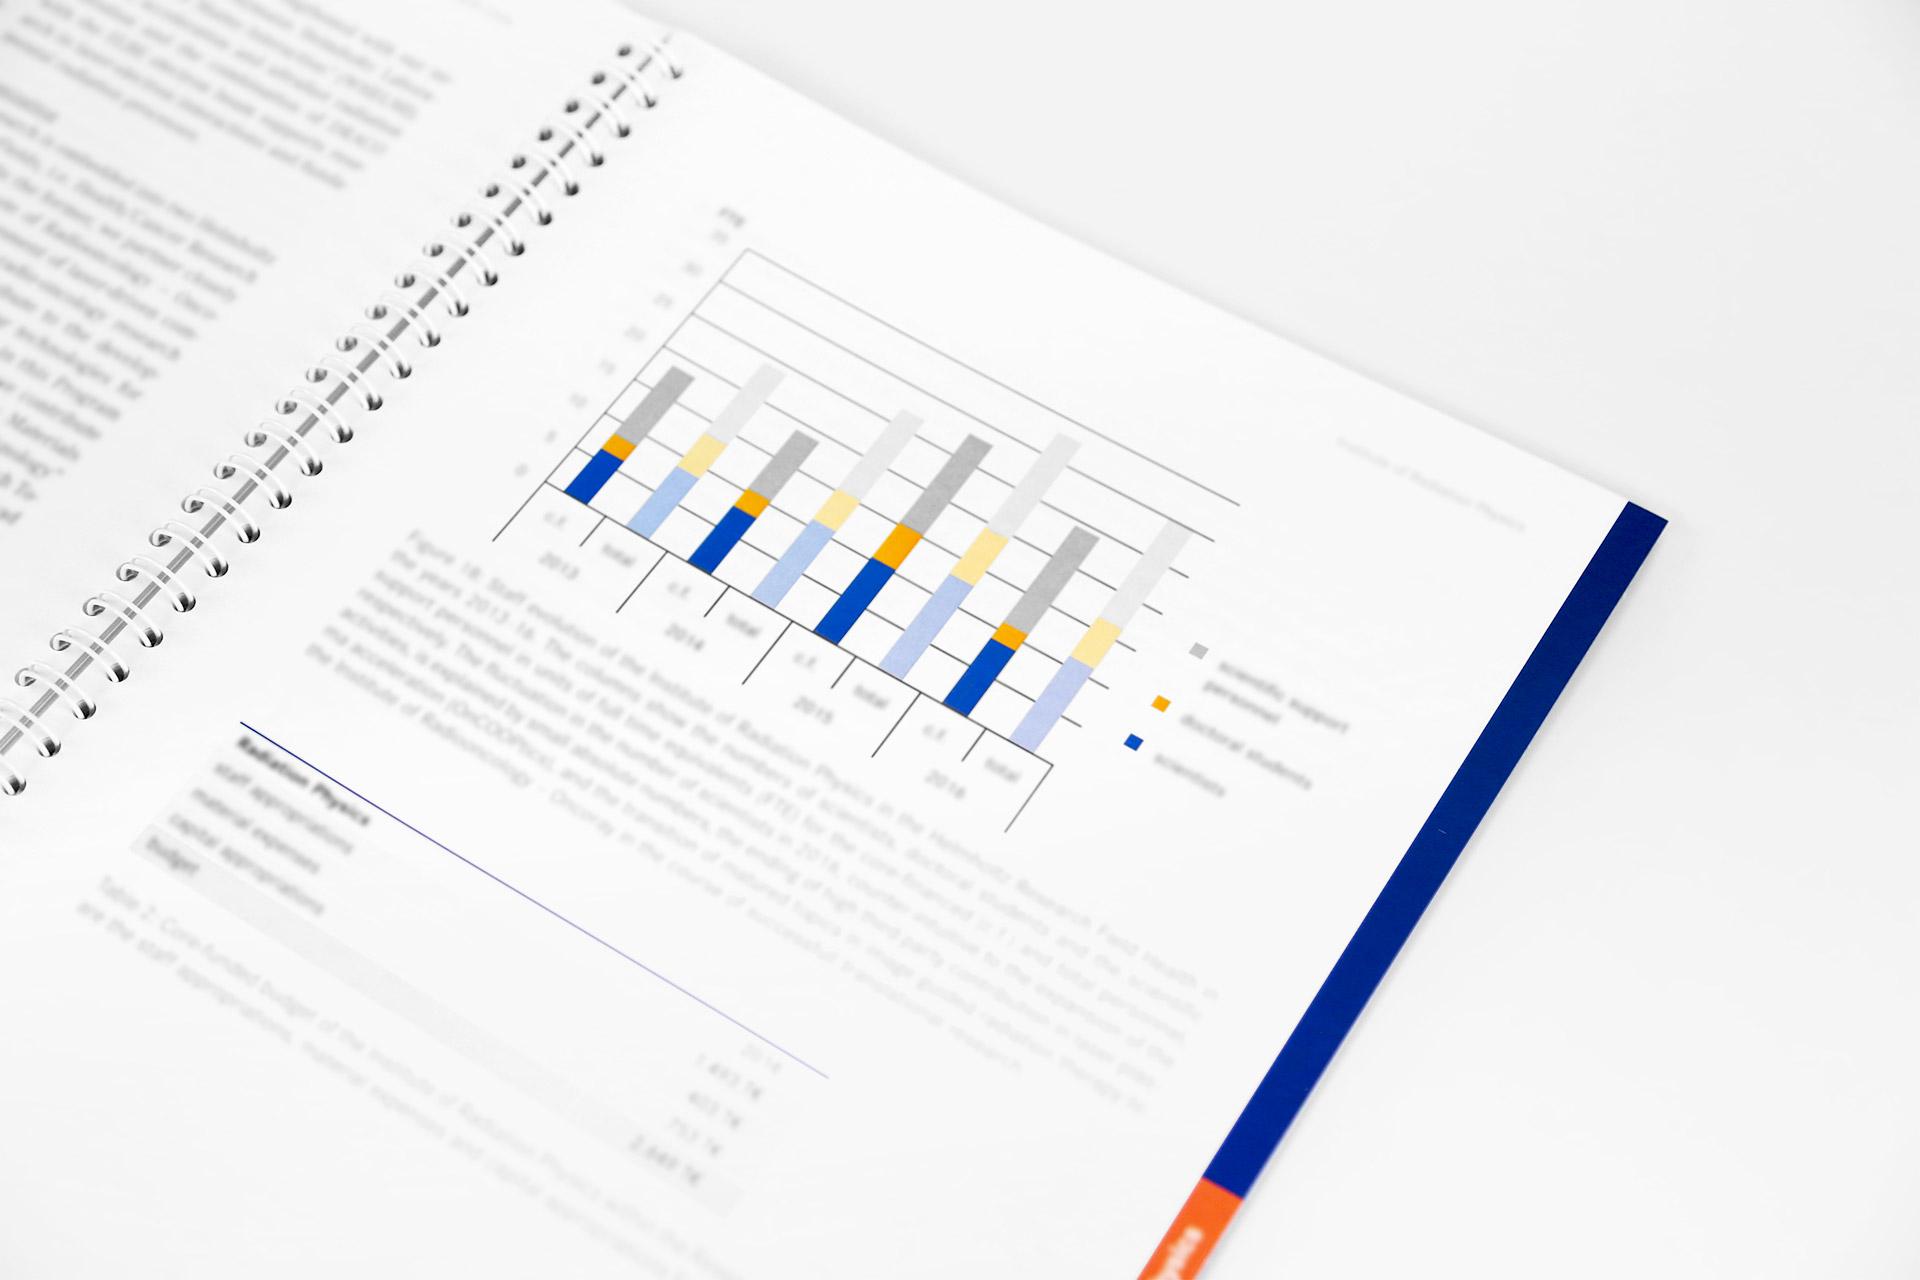 Beispielseite Statusreport mit Diagramm